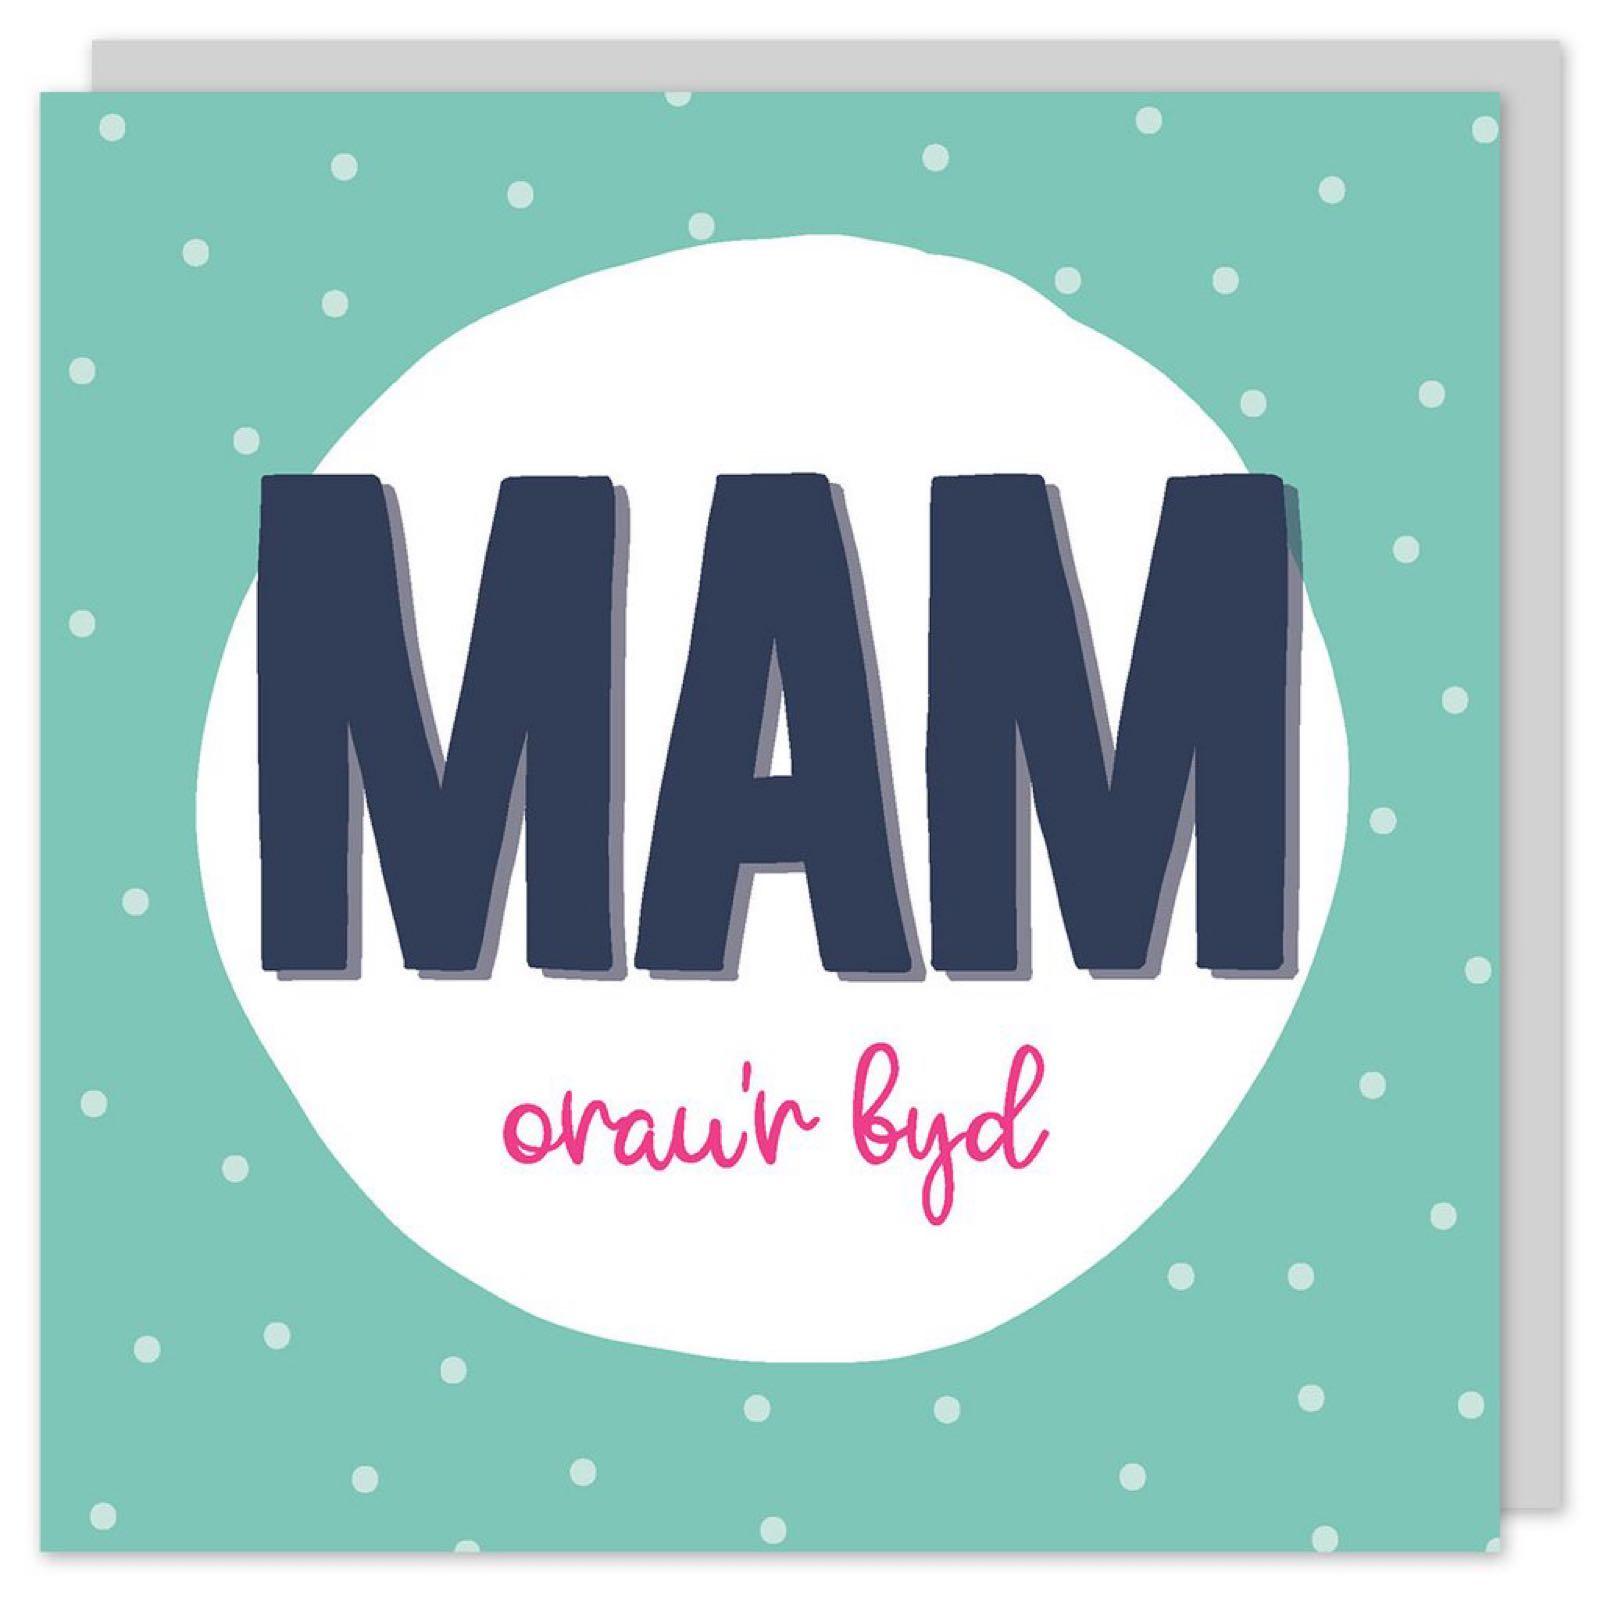 Mam Orau'r Byd (POP19)